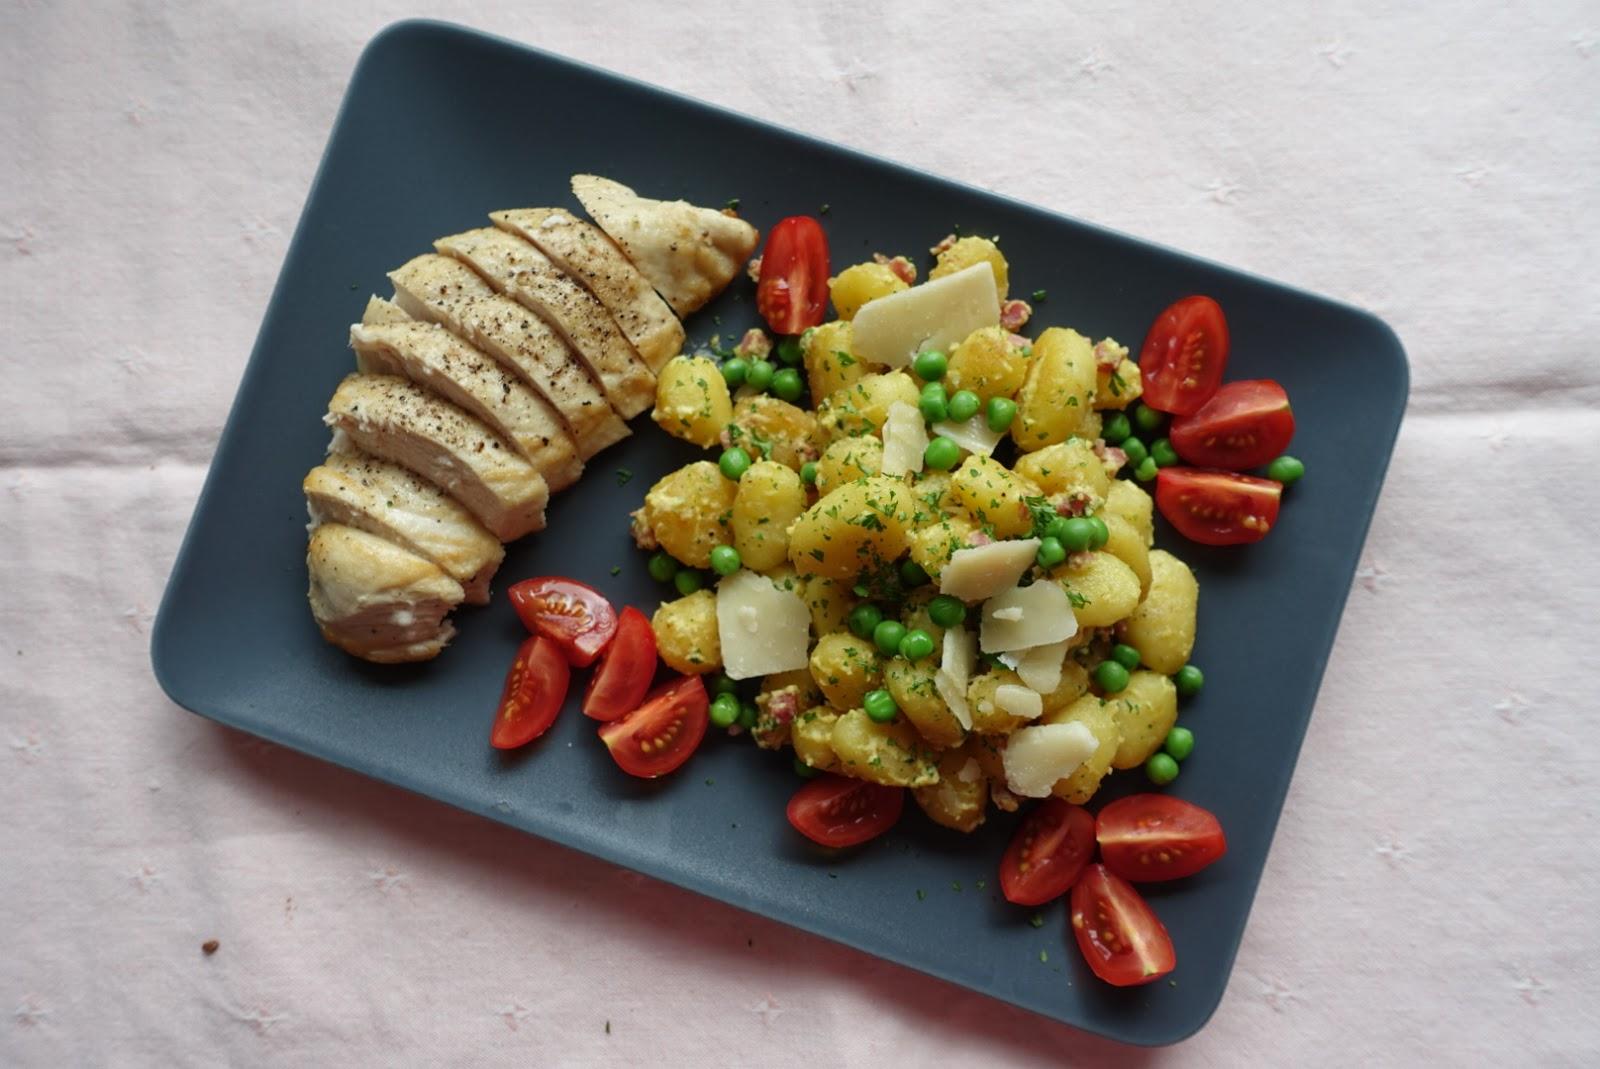 Deftig, aber leicht: Gnocchi mit Erbsen und Parmesan an saftig gebratener Hähnchenbrust